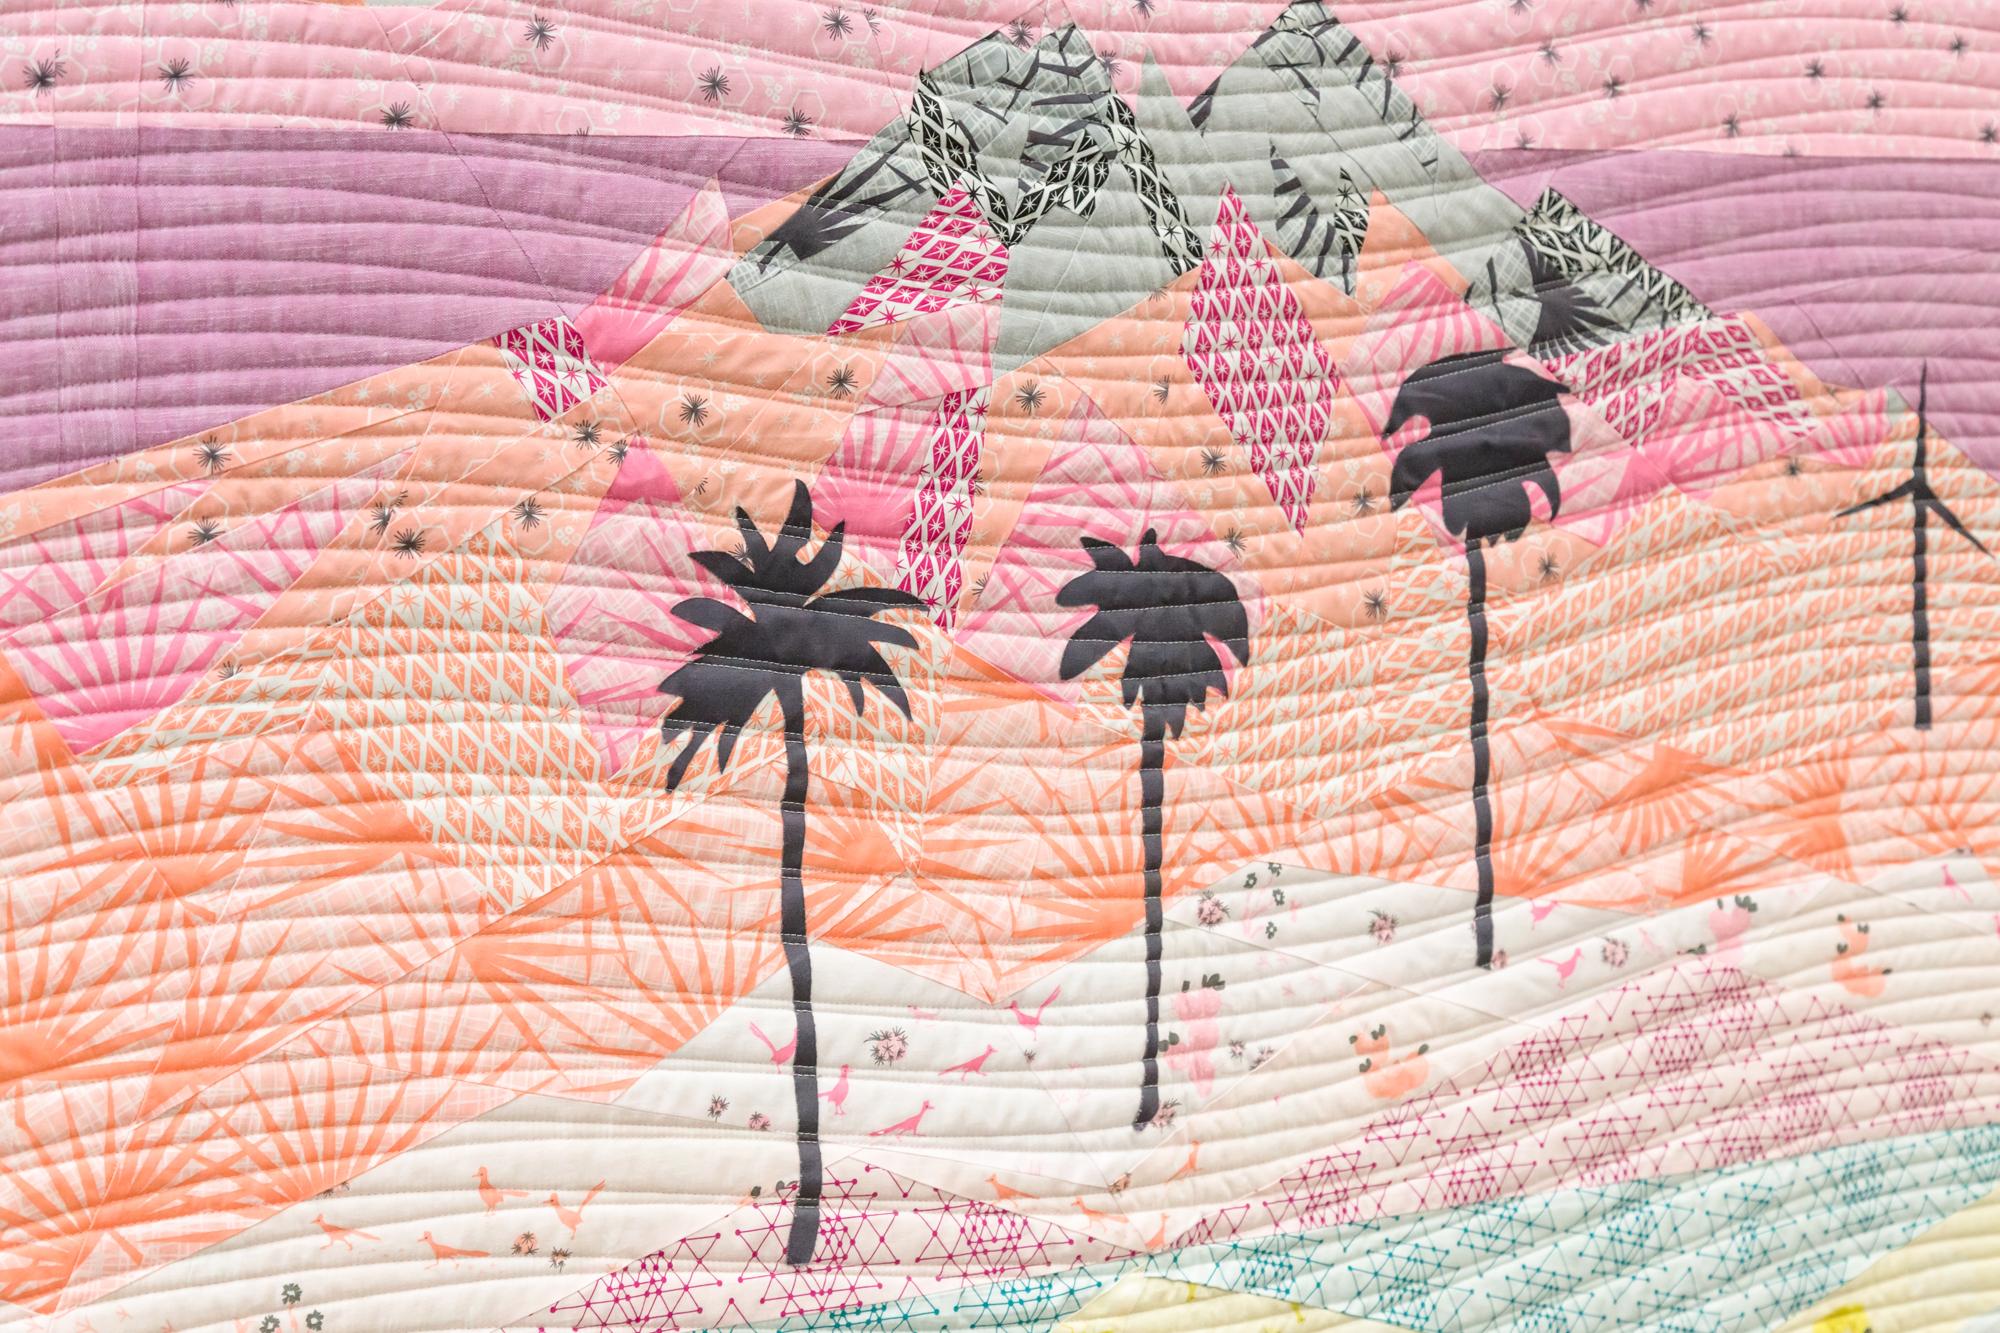 RK_QMfall17_Palm Canyon 07.jpg